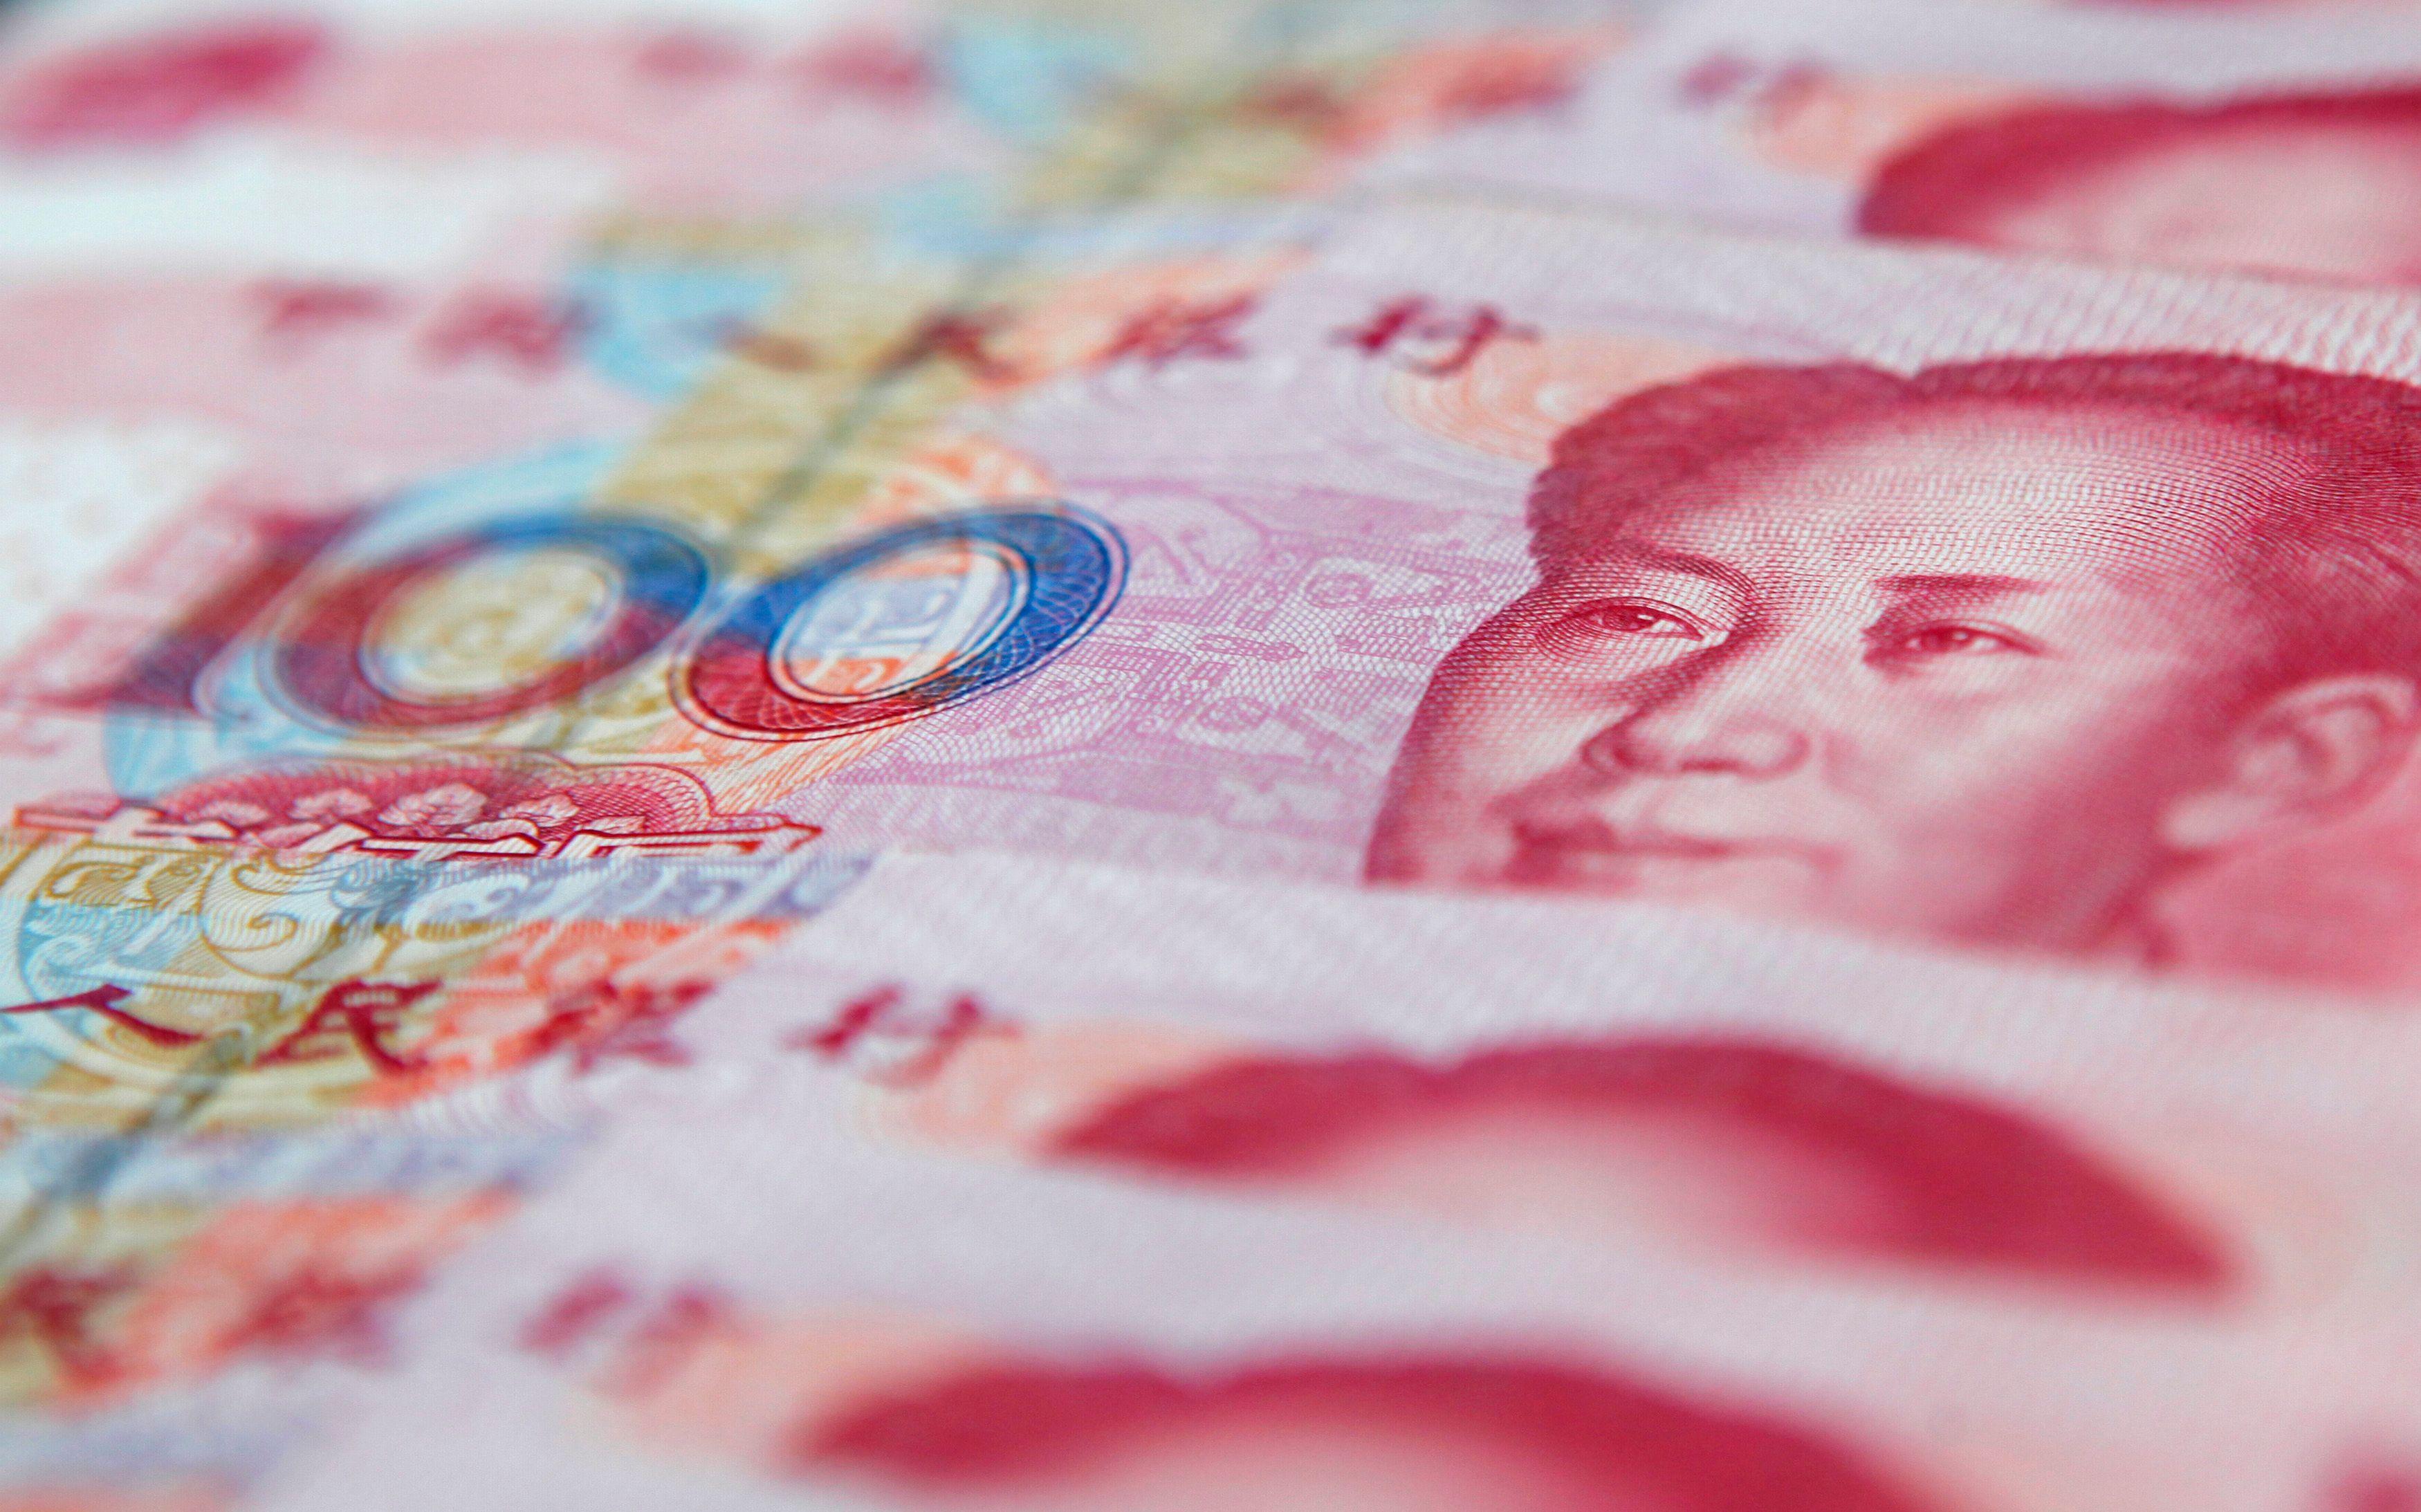 Entre 2010 et 2013, la valeur de Yuans échangés à l'international a triplé.